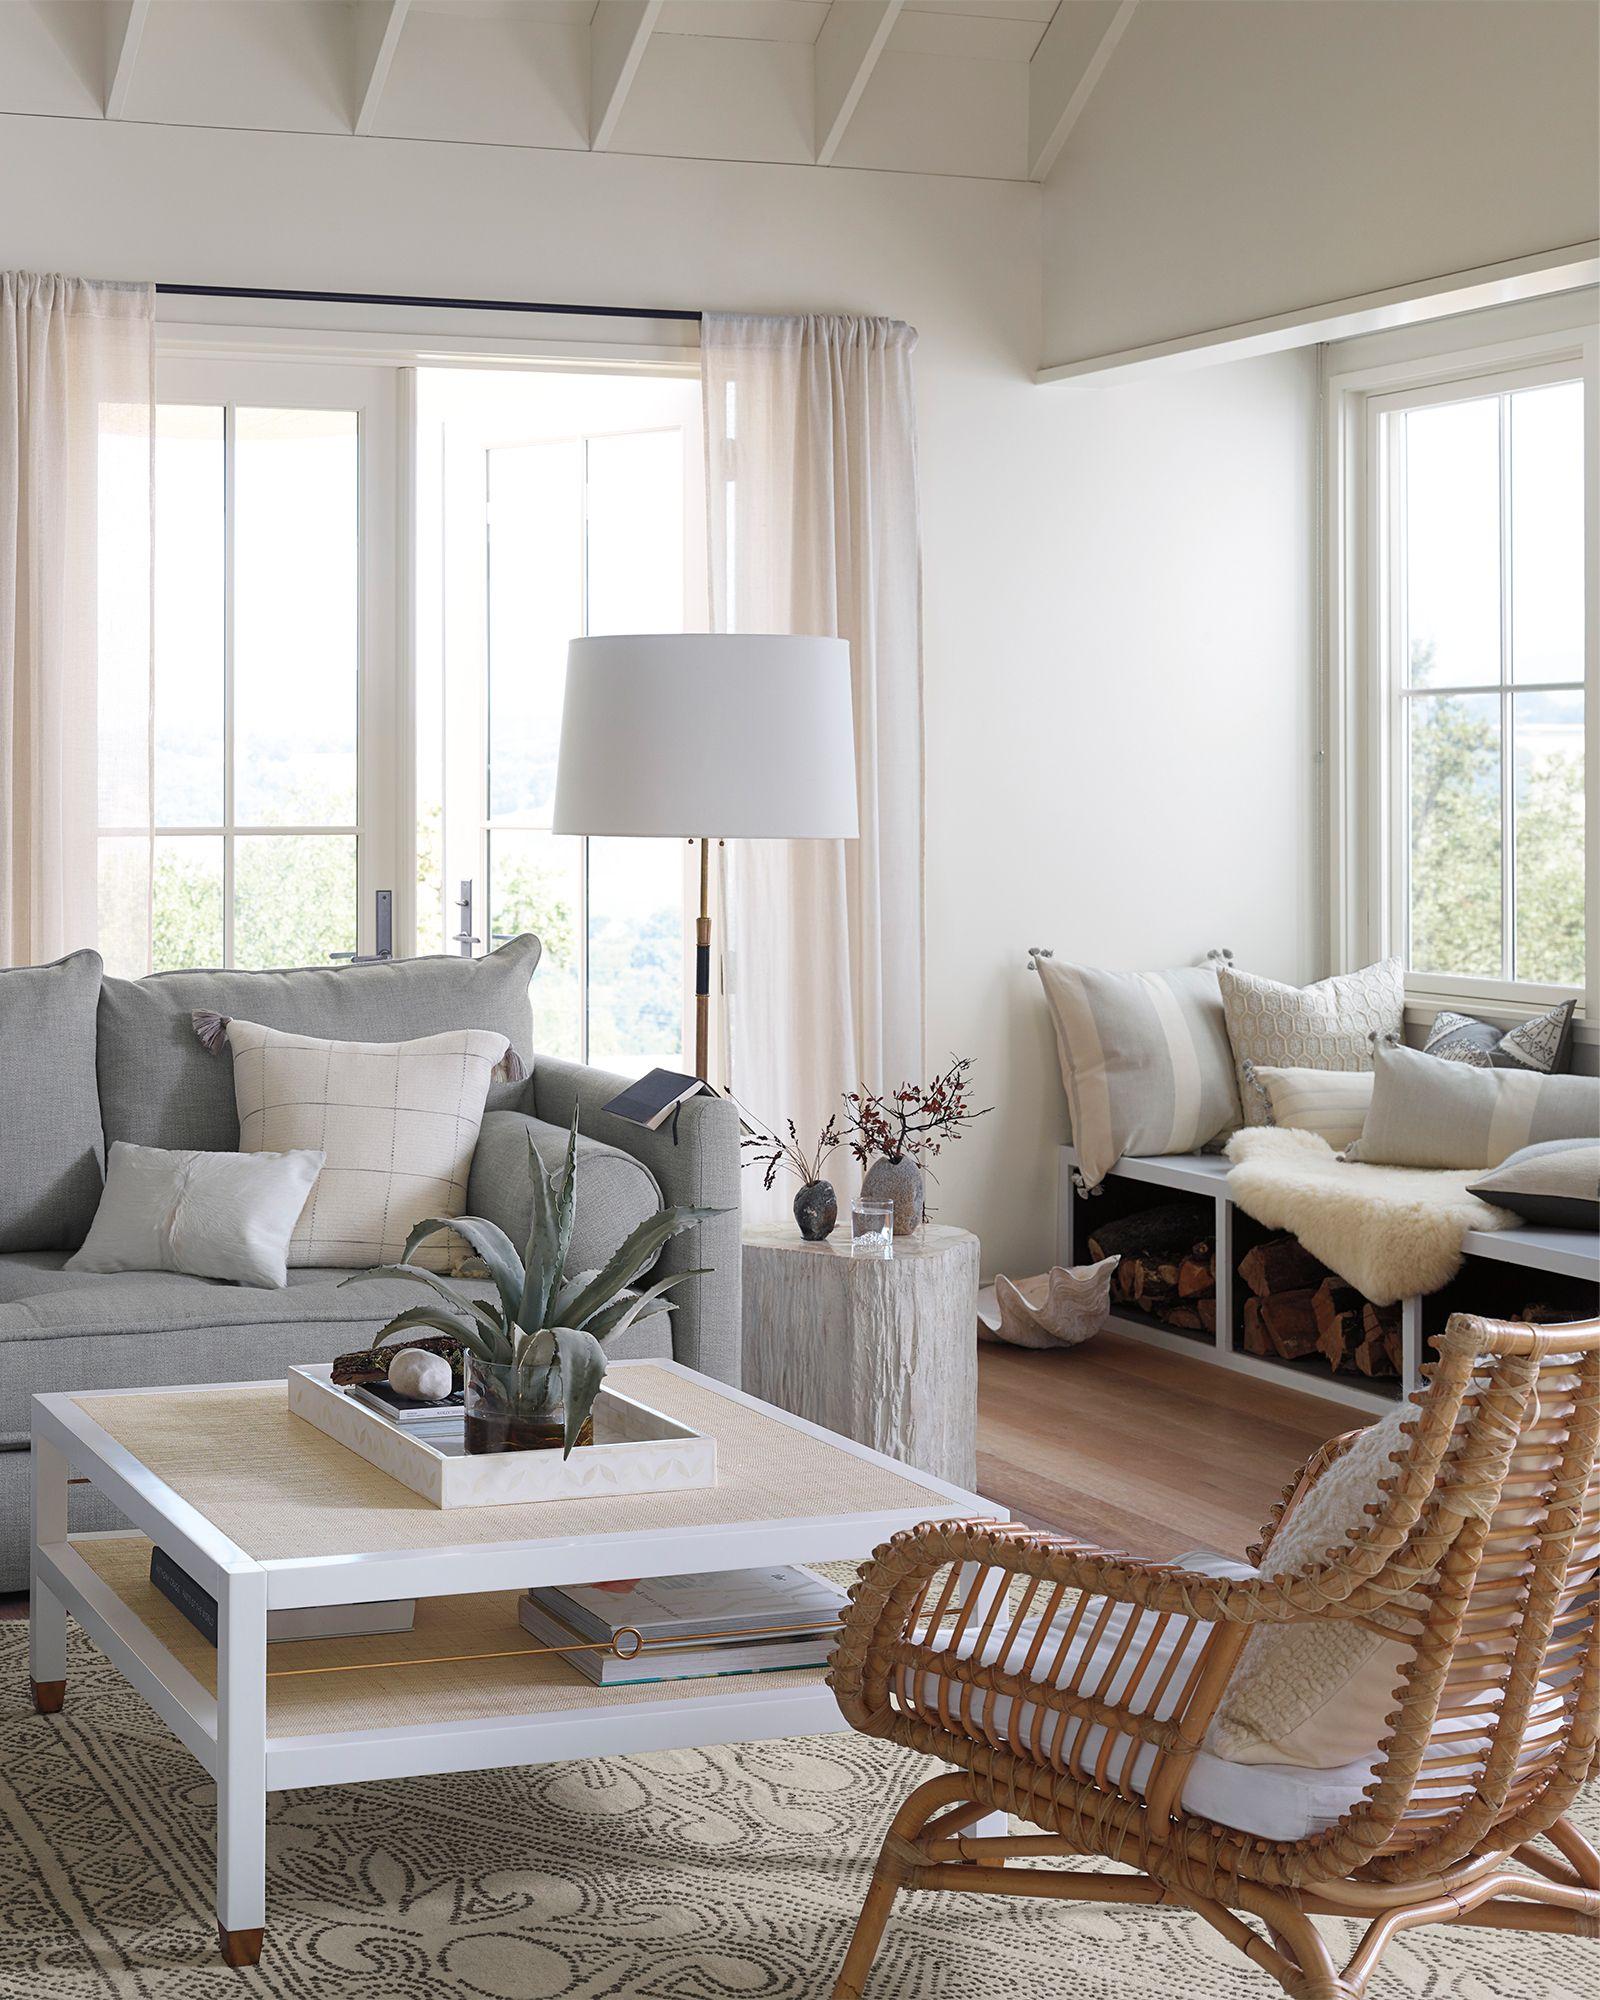 Cole Brass Floor Lamp Family Room Design Boho Living Room Living Room Designs #unique #living #room #lighting